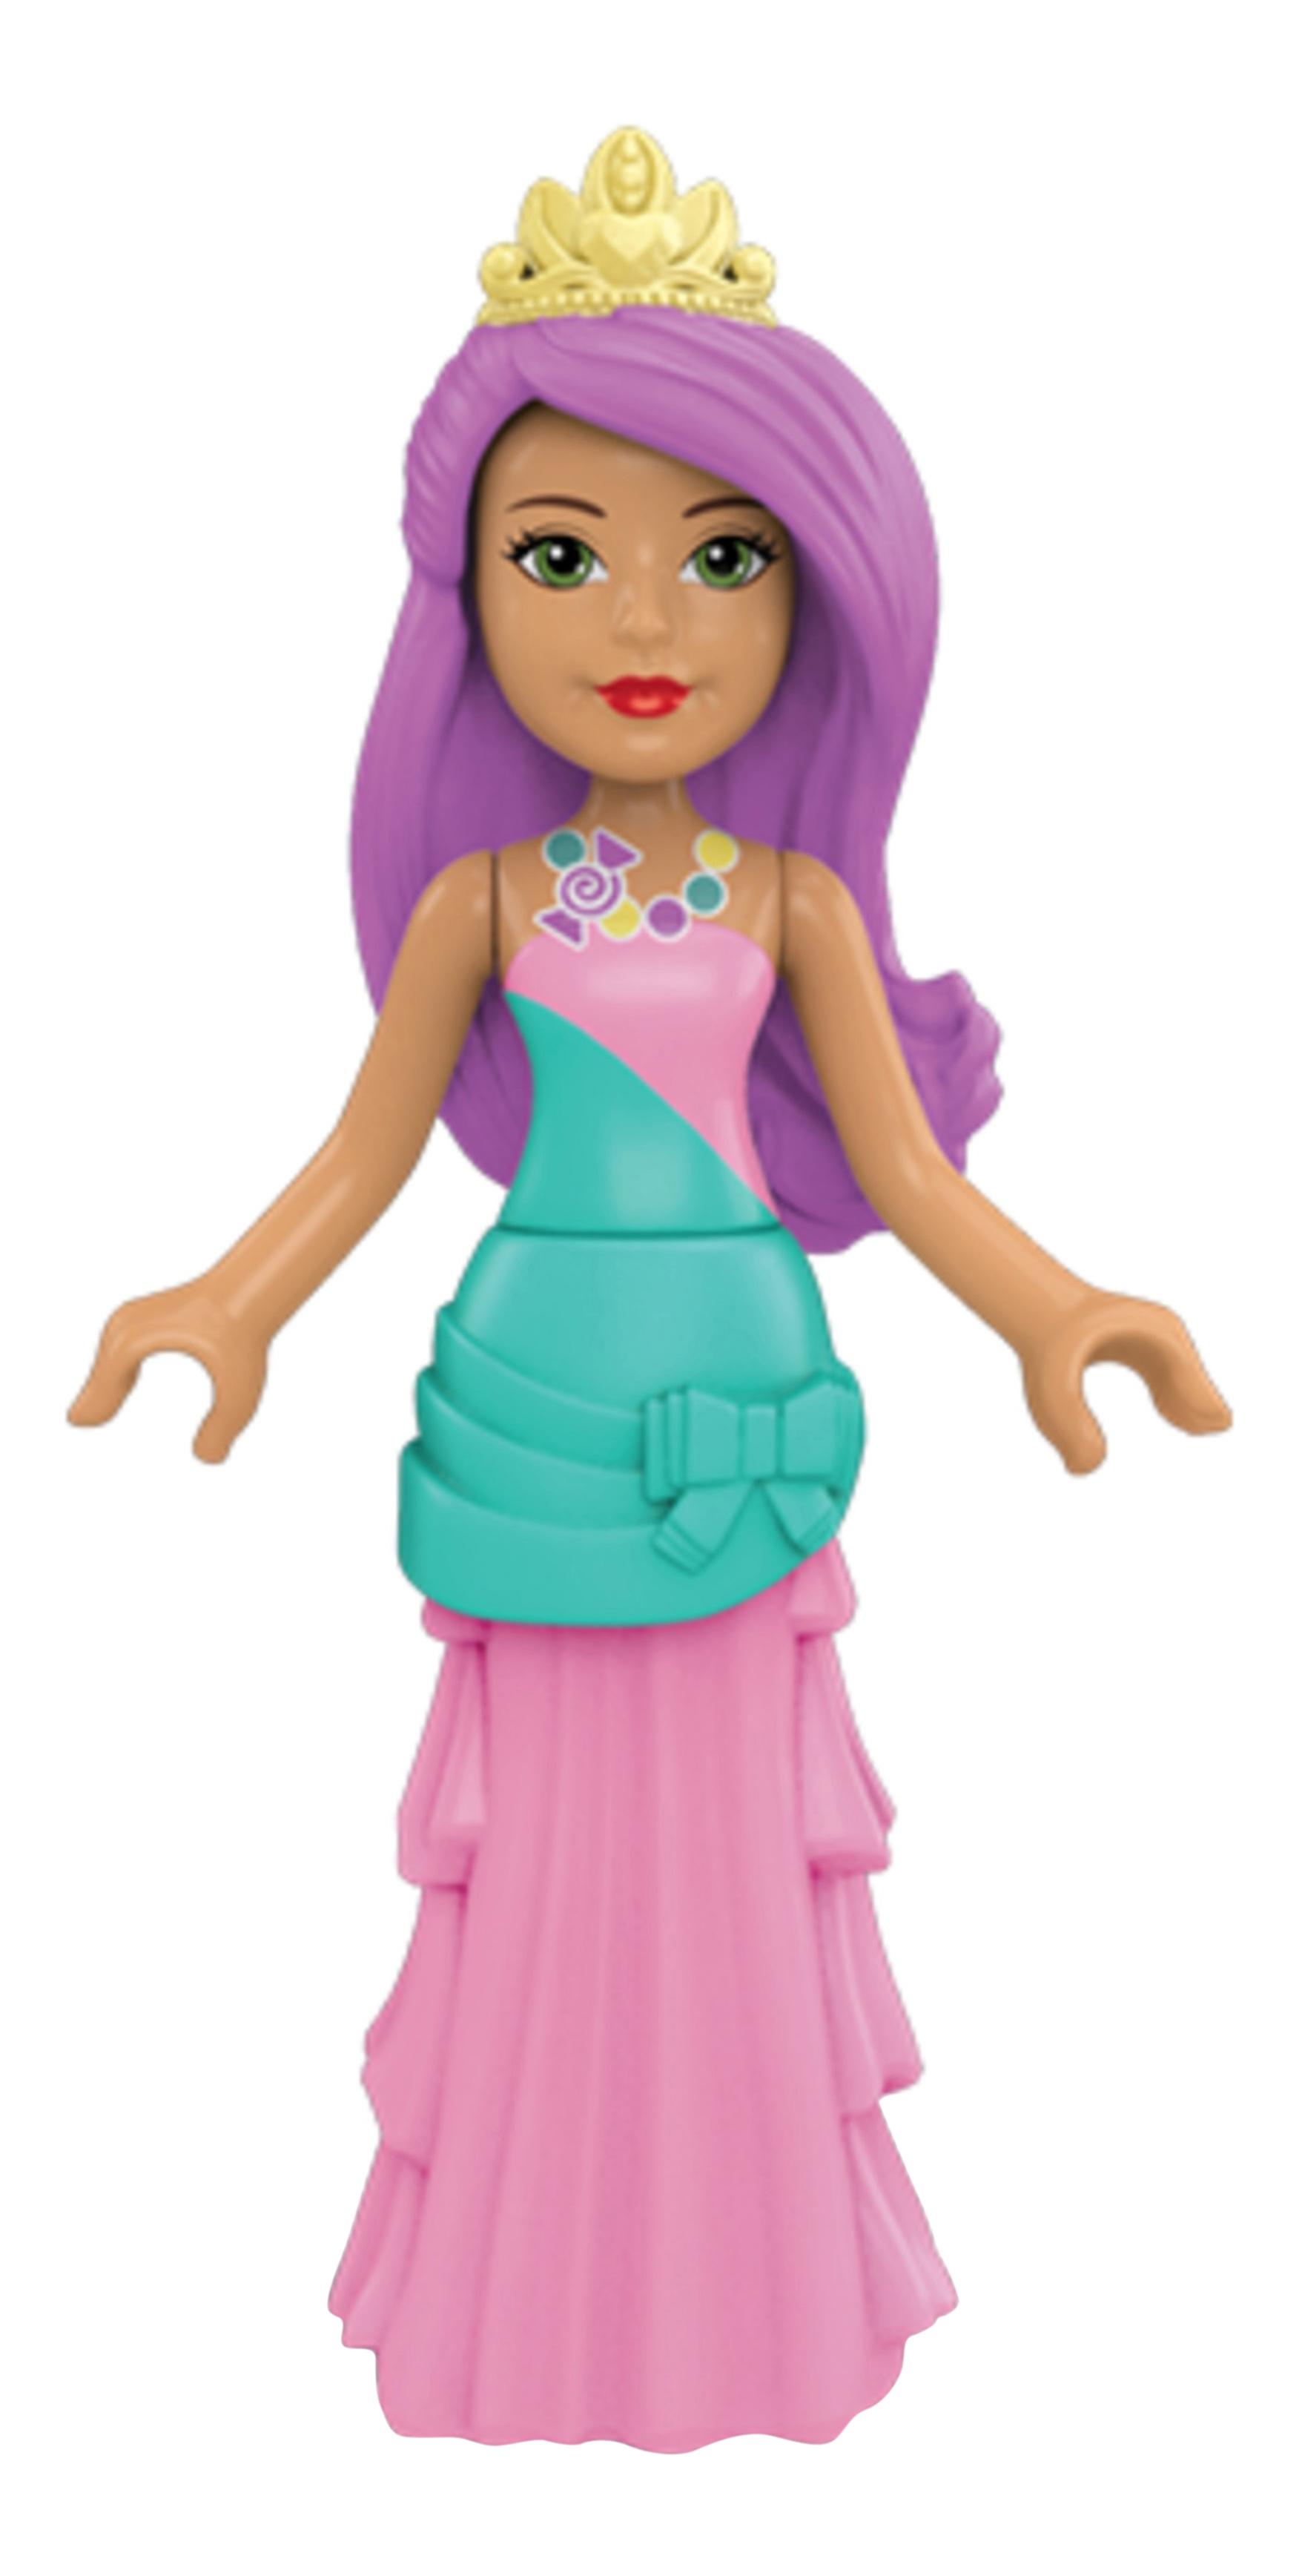 Купить Sweetville Candy Princess, Конструктор Mega Construx™ Barbie® Конфетная принцесса DPK90 DPK91, Конструкторы пластмассовые